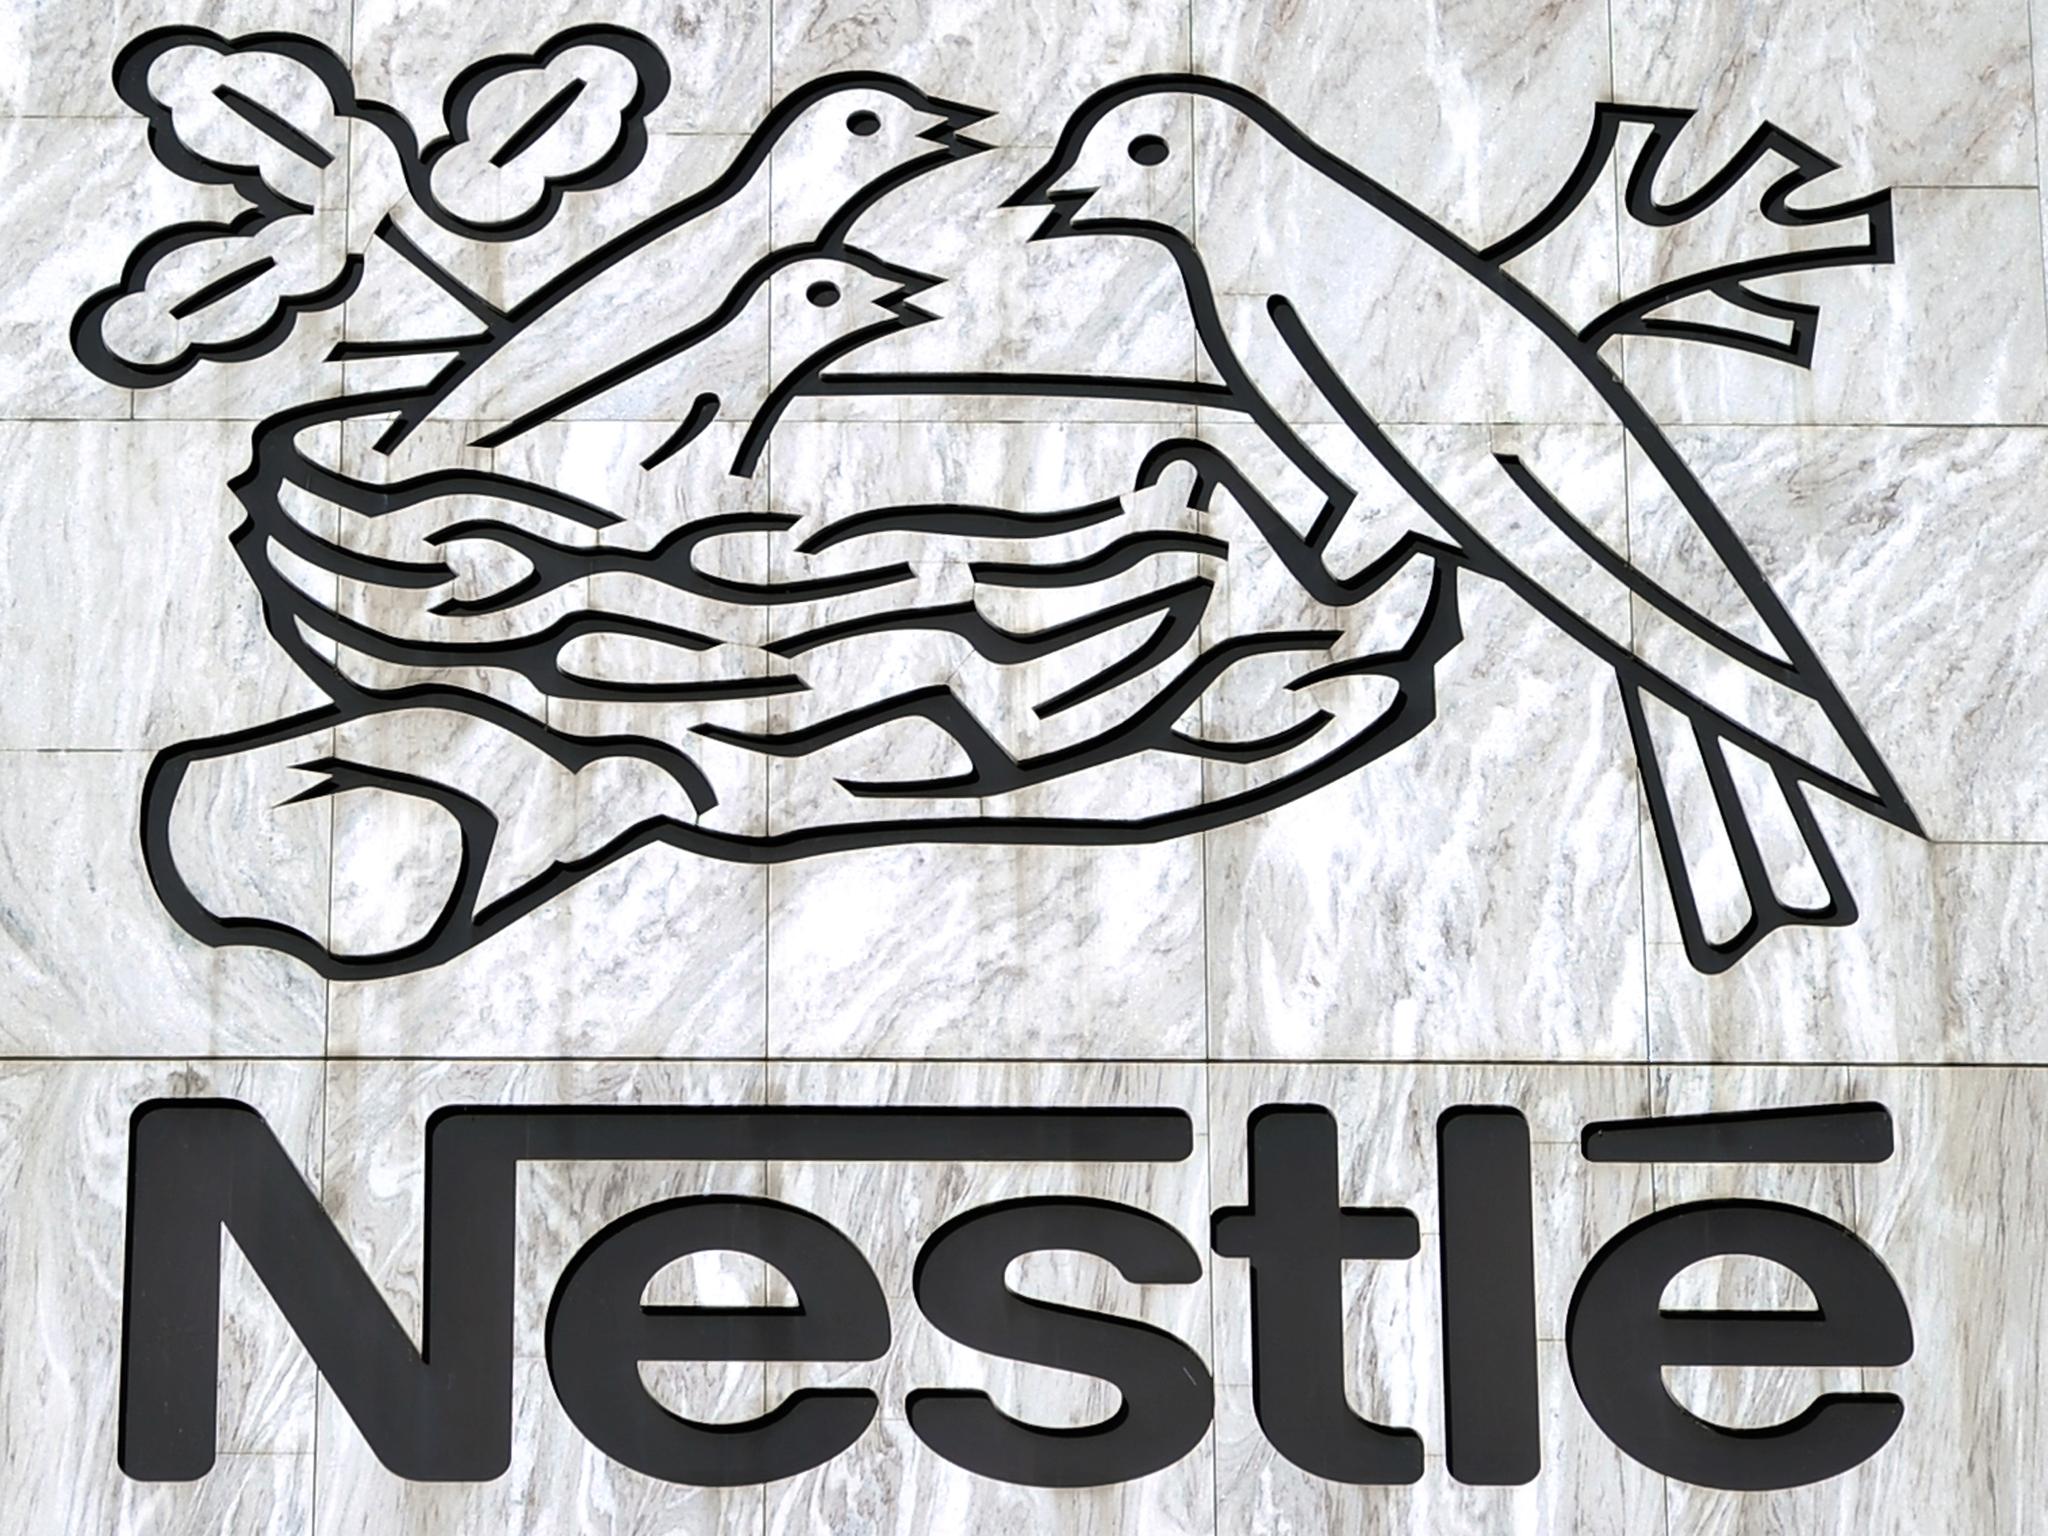 Nestle Wallpaper 3   2048 X 1536 stmednet 2048x1536